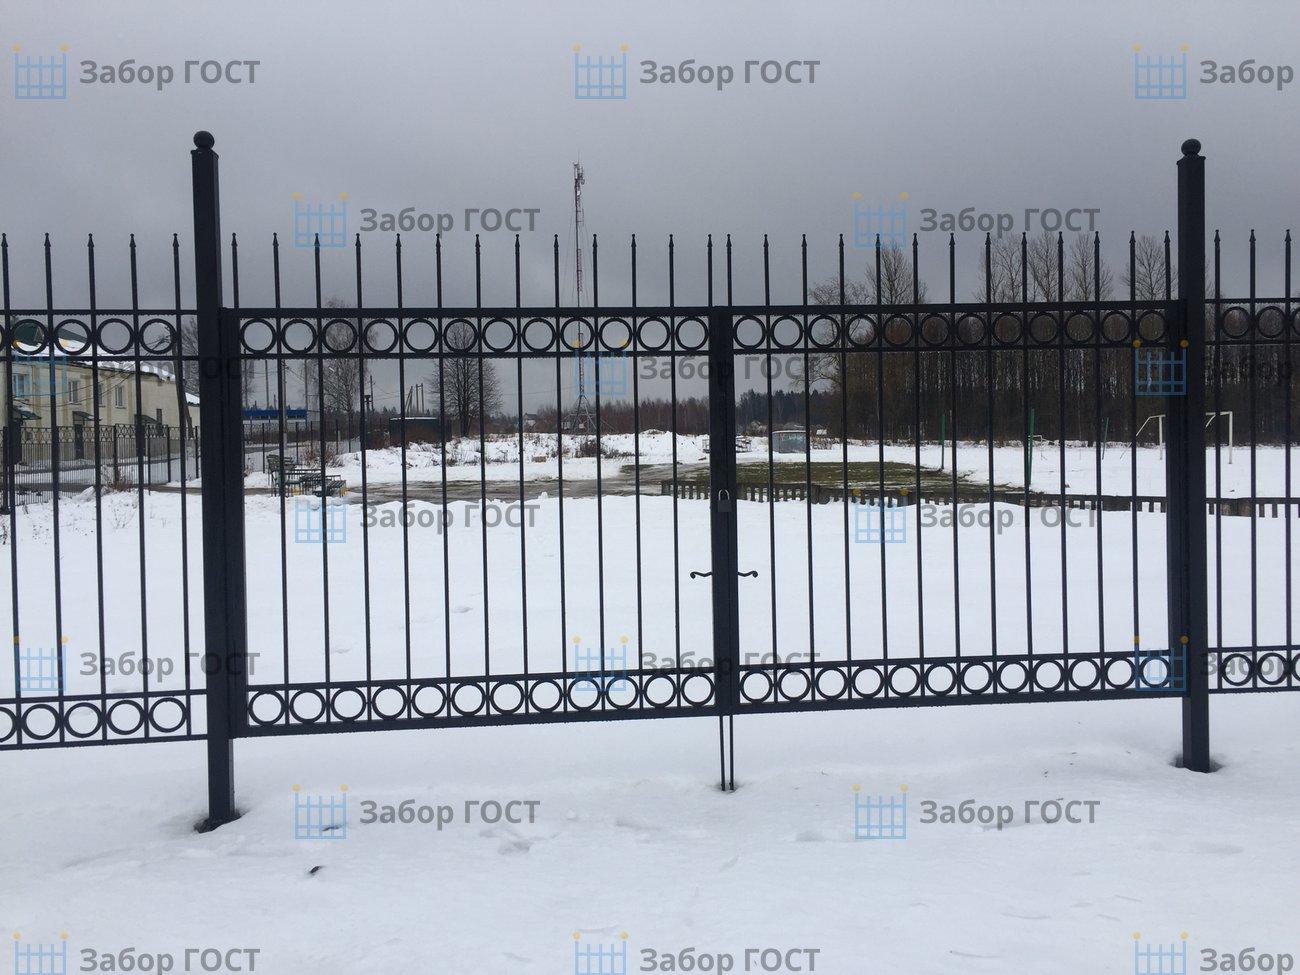 найти олимпийский фото заборчиков из квадратной трубы строгого режима славится